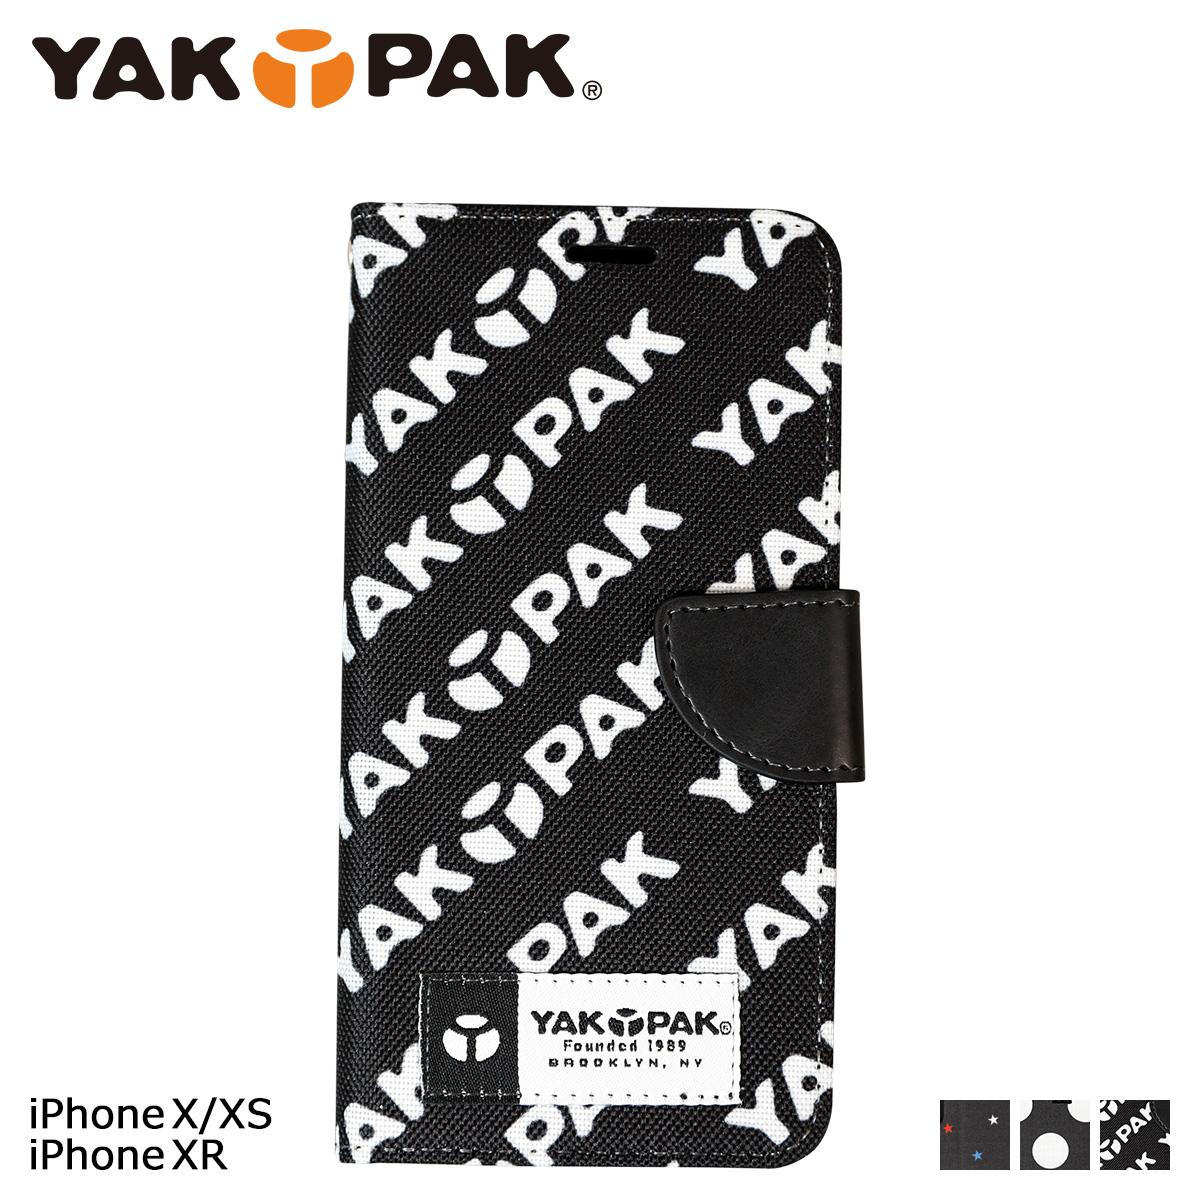 ヤックパック YAKPAK iPhone XR XS X ケース スマホ 携帯 手帳 アイフォン スマートフォン メンズ レディース ネコポス可